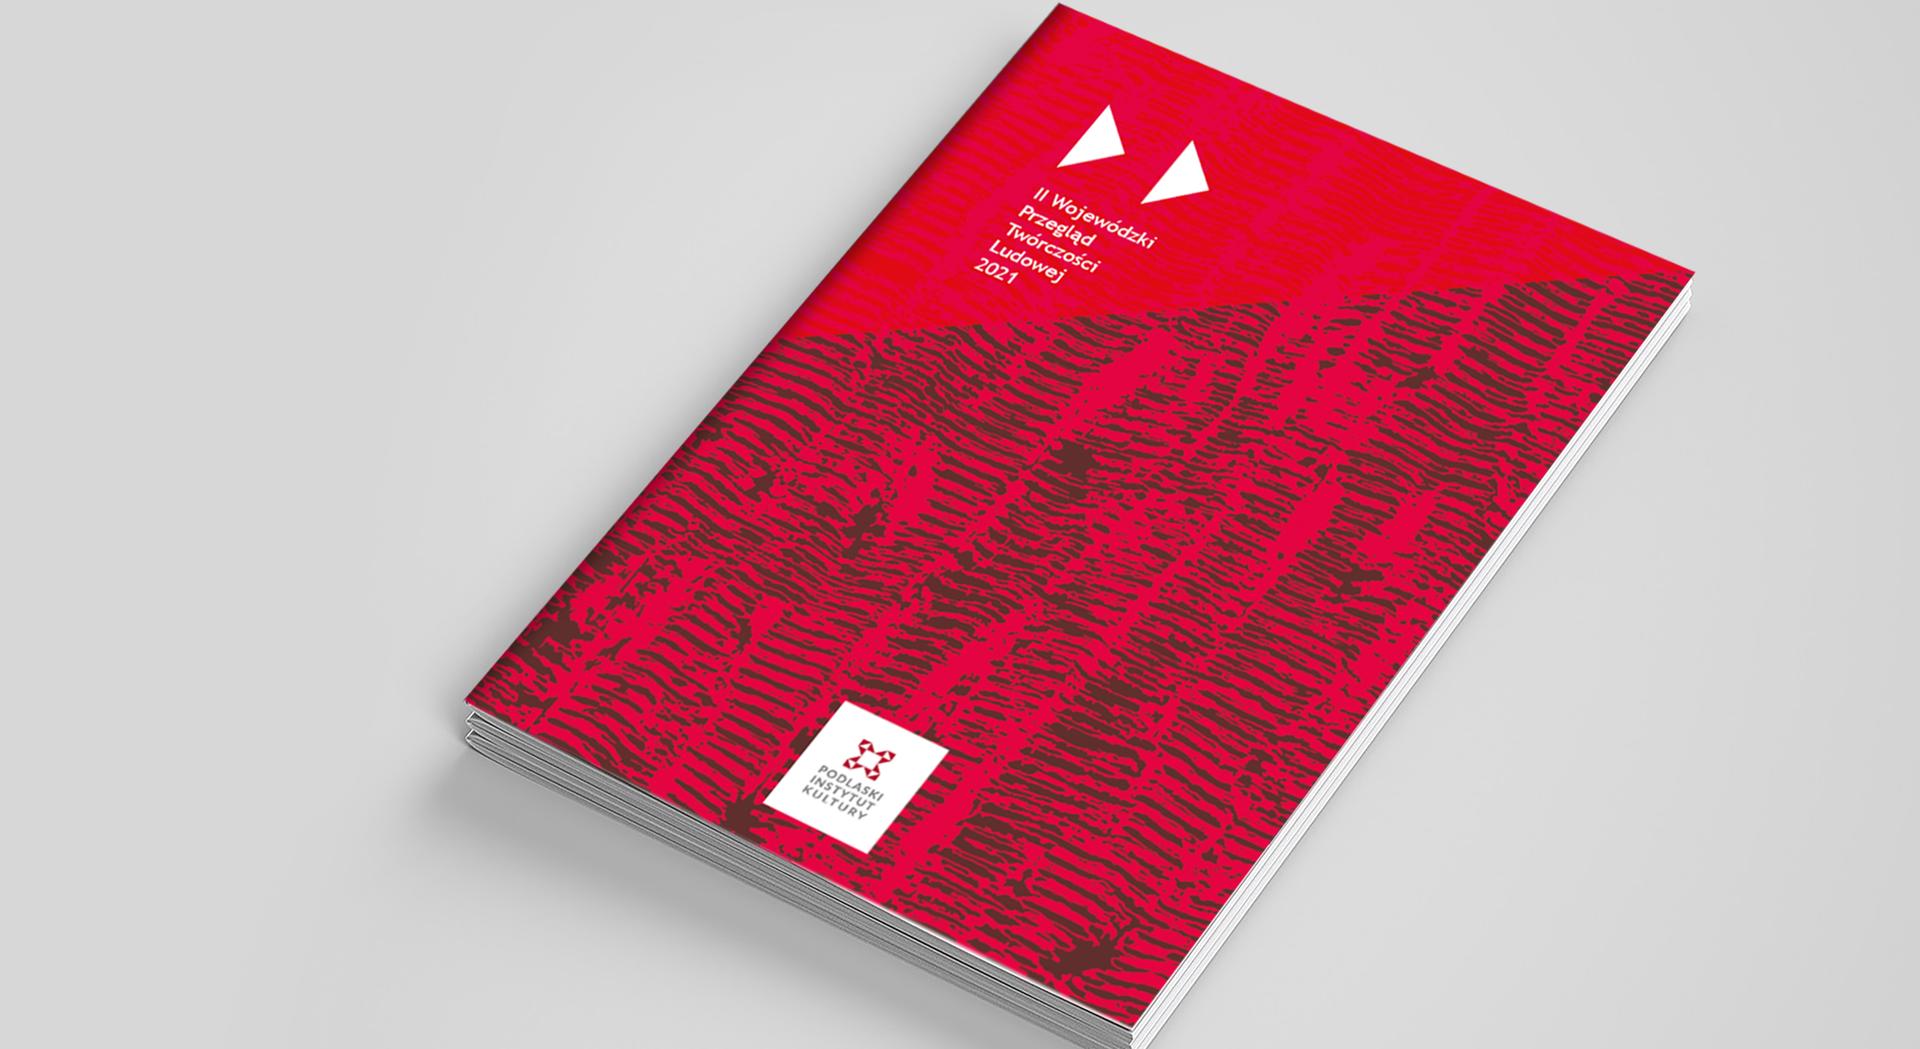 II Wojewódzki Przegląd Twórczości Ludowej – katalog